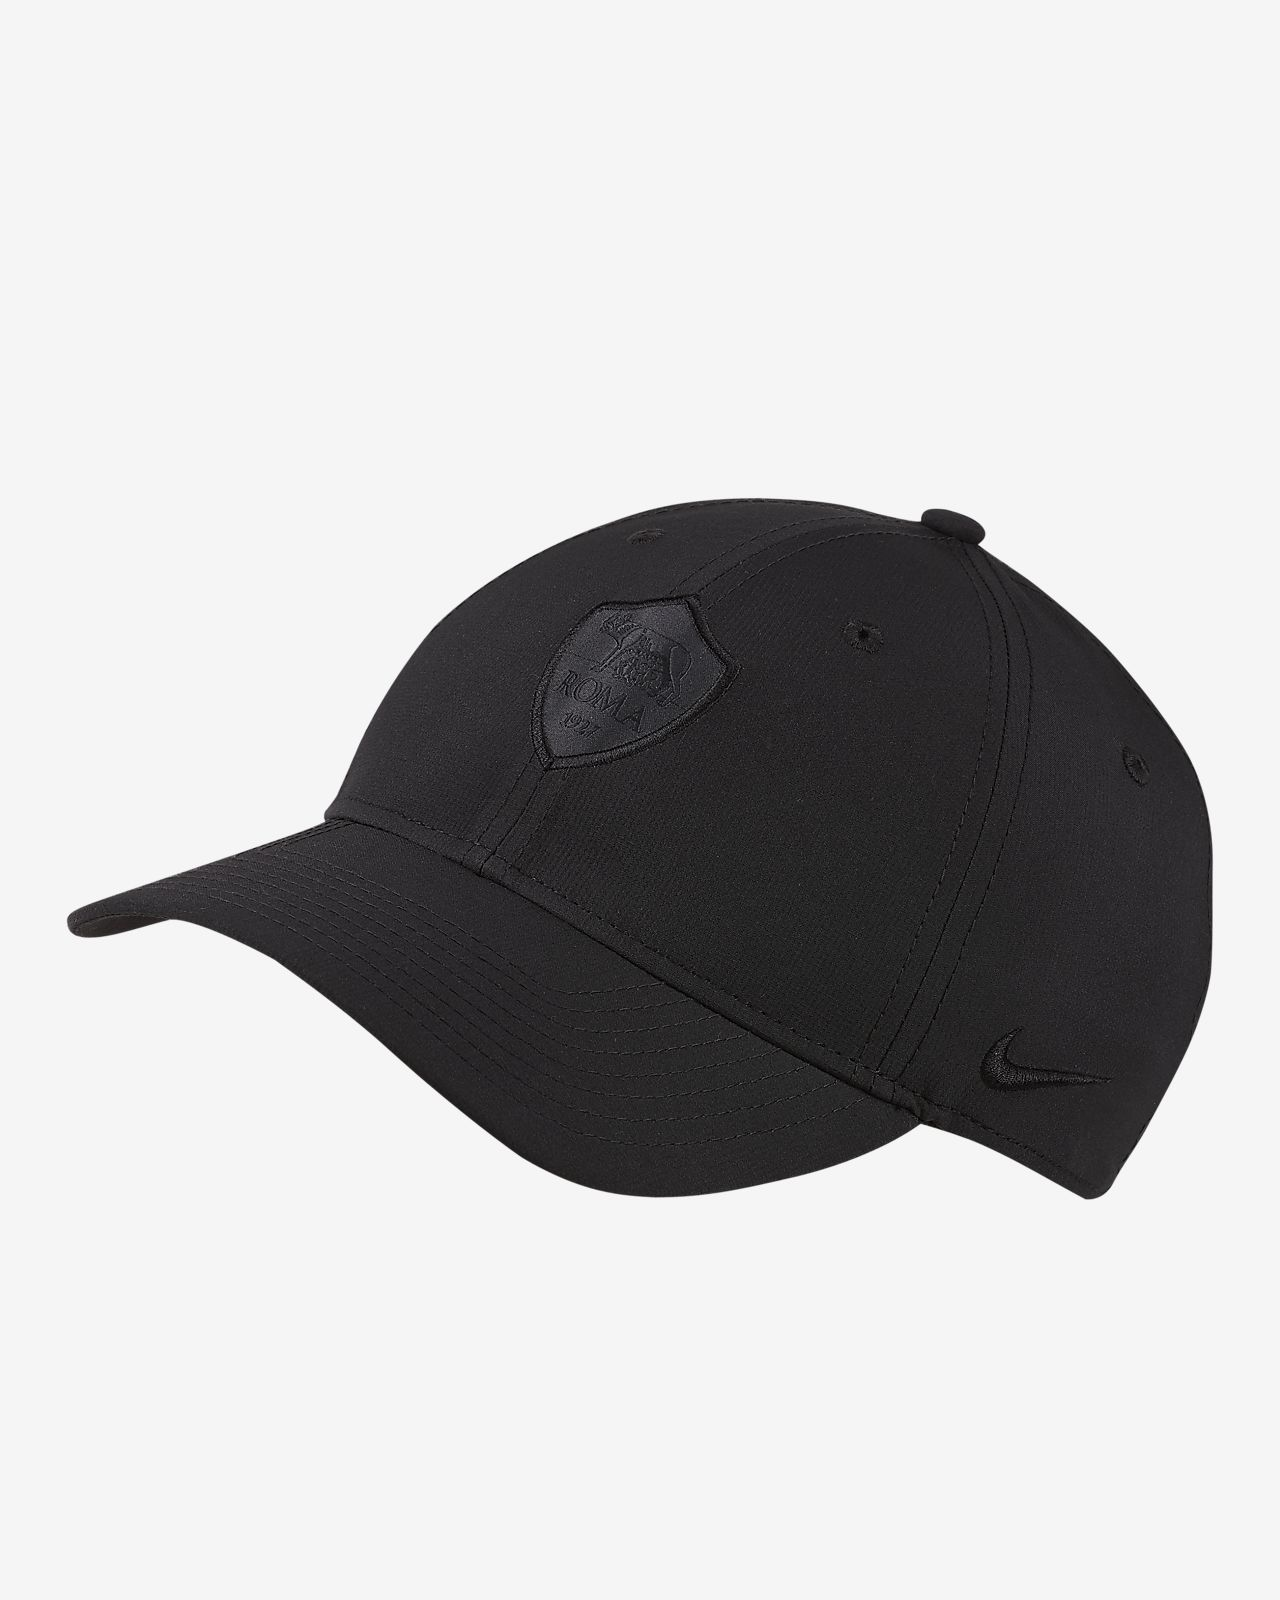 Ρυθμιζόμενο καπέλο A.S. Roma Legacy91